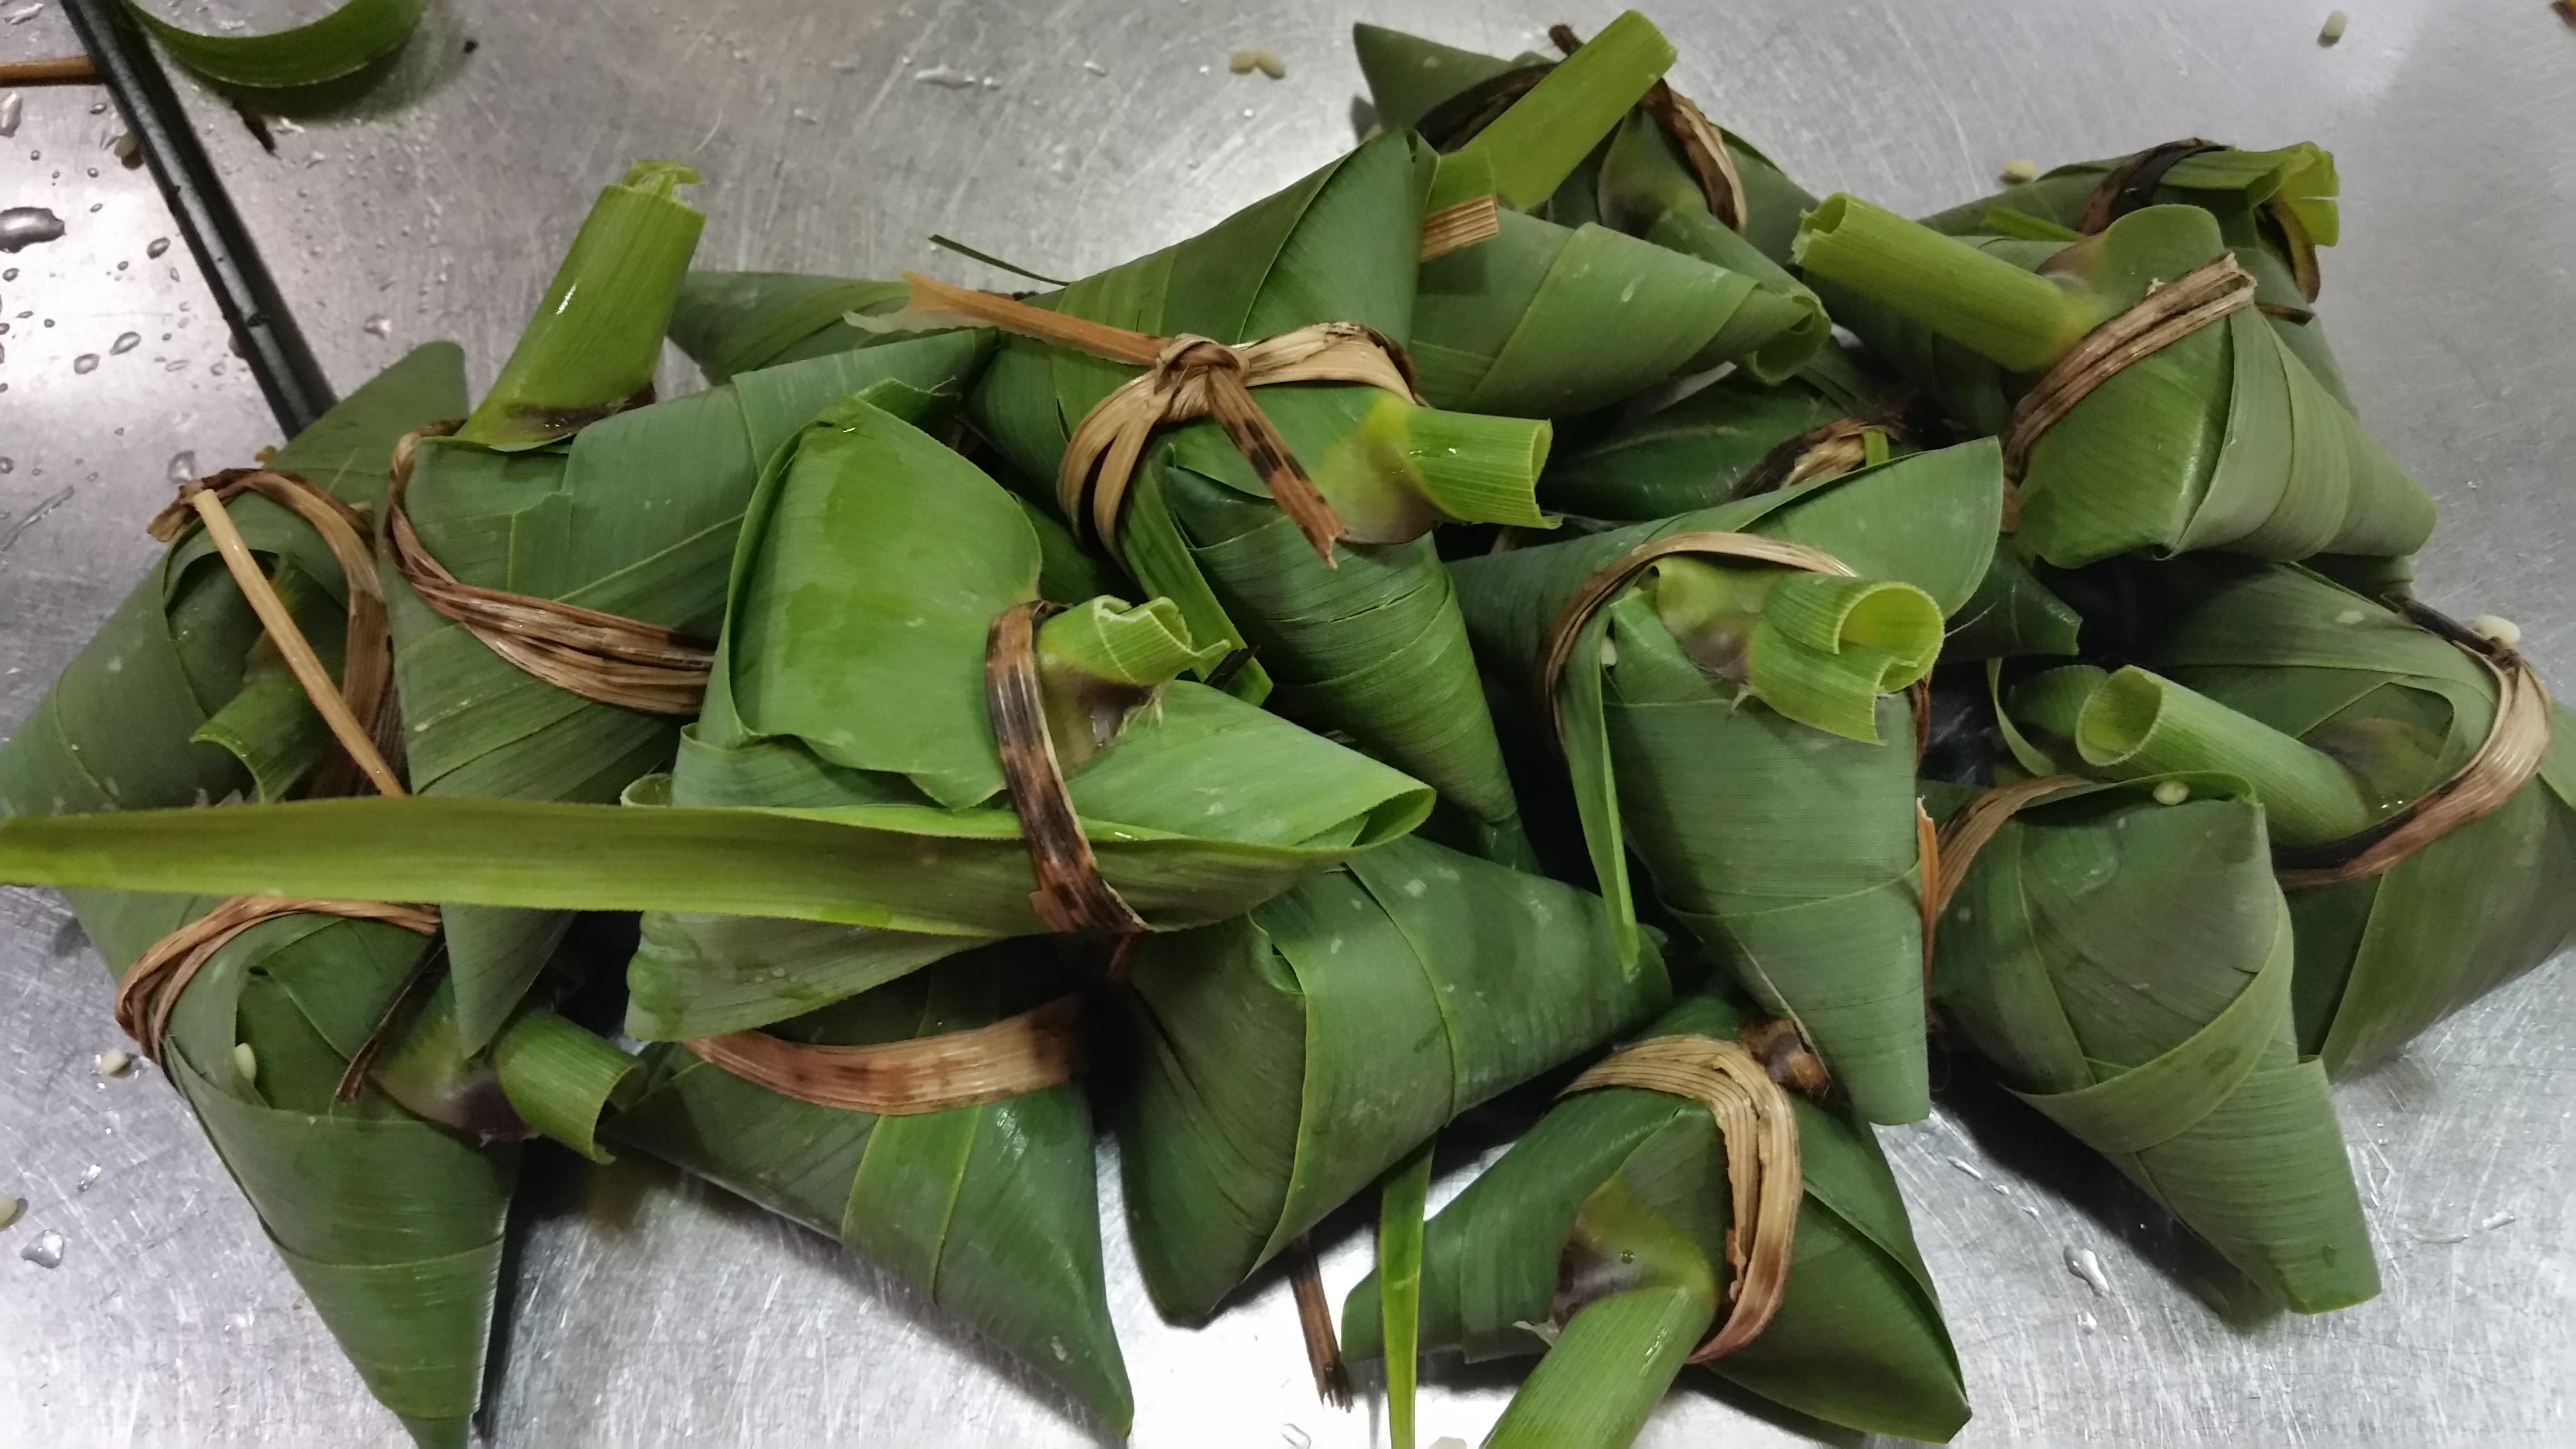 屋久島「つのまき」 屋久島の親から子へ子から孫へバトンをつなげ!世代をつなぐ郷土料理のありかた